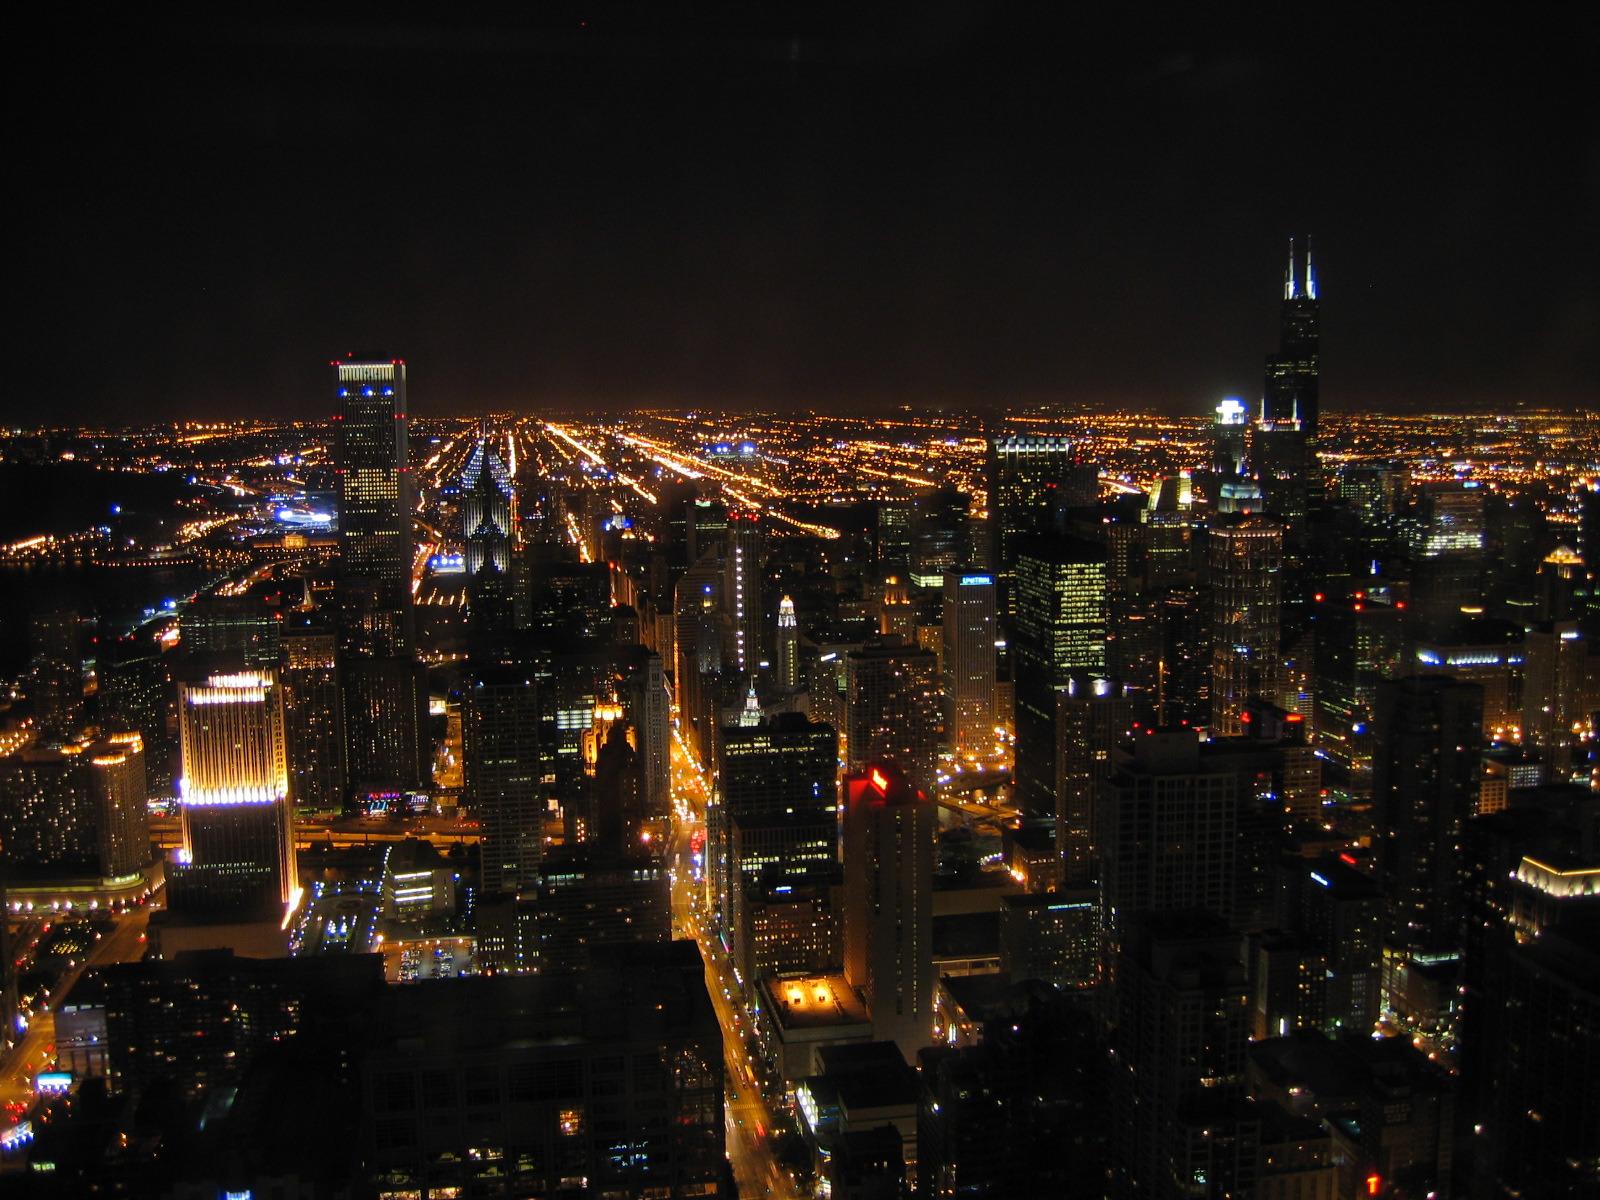 уже фото красивого вида на ночной город яркость, блеск уникальность